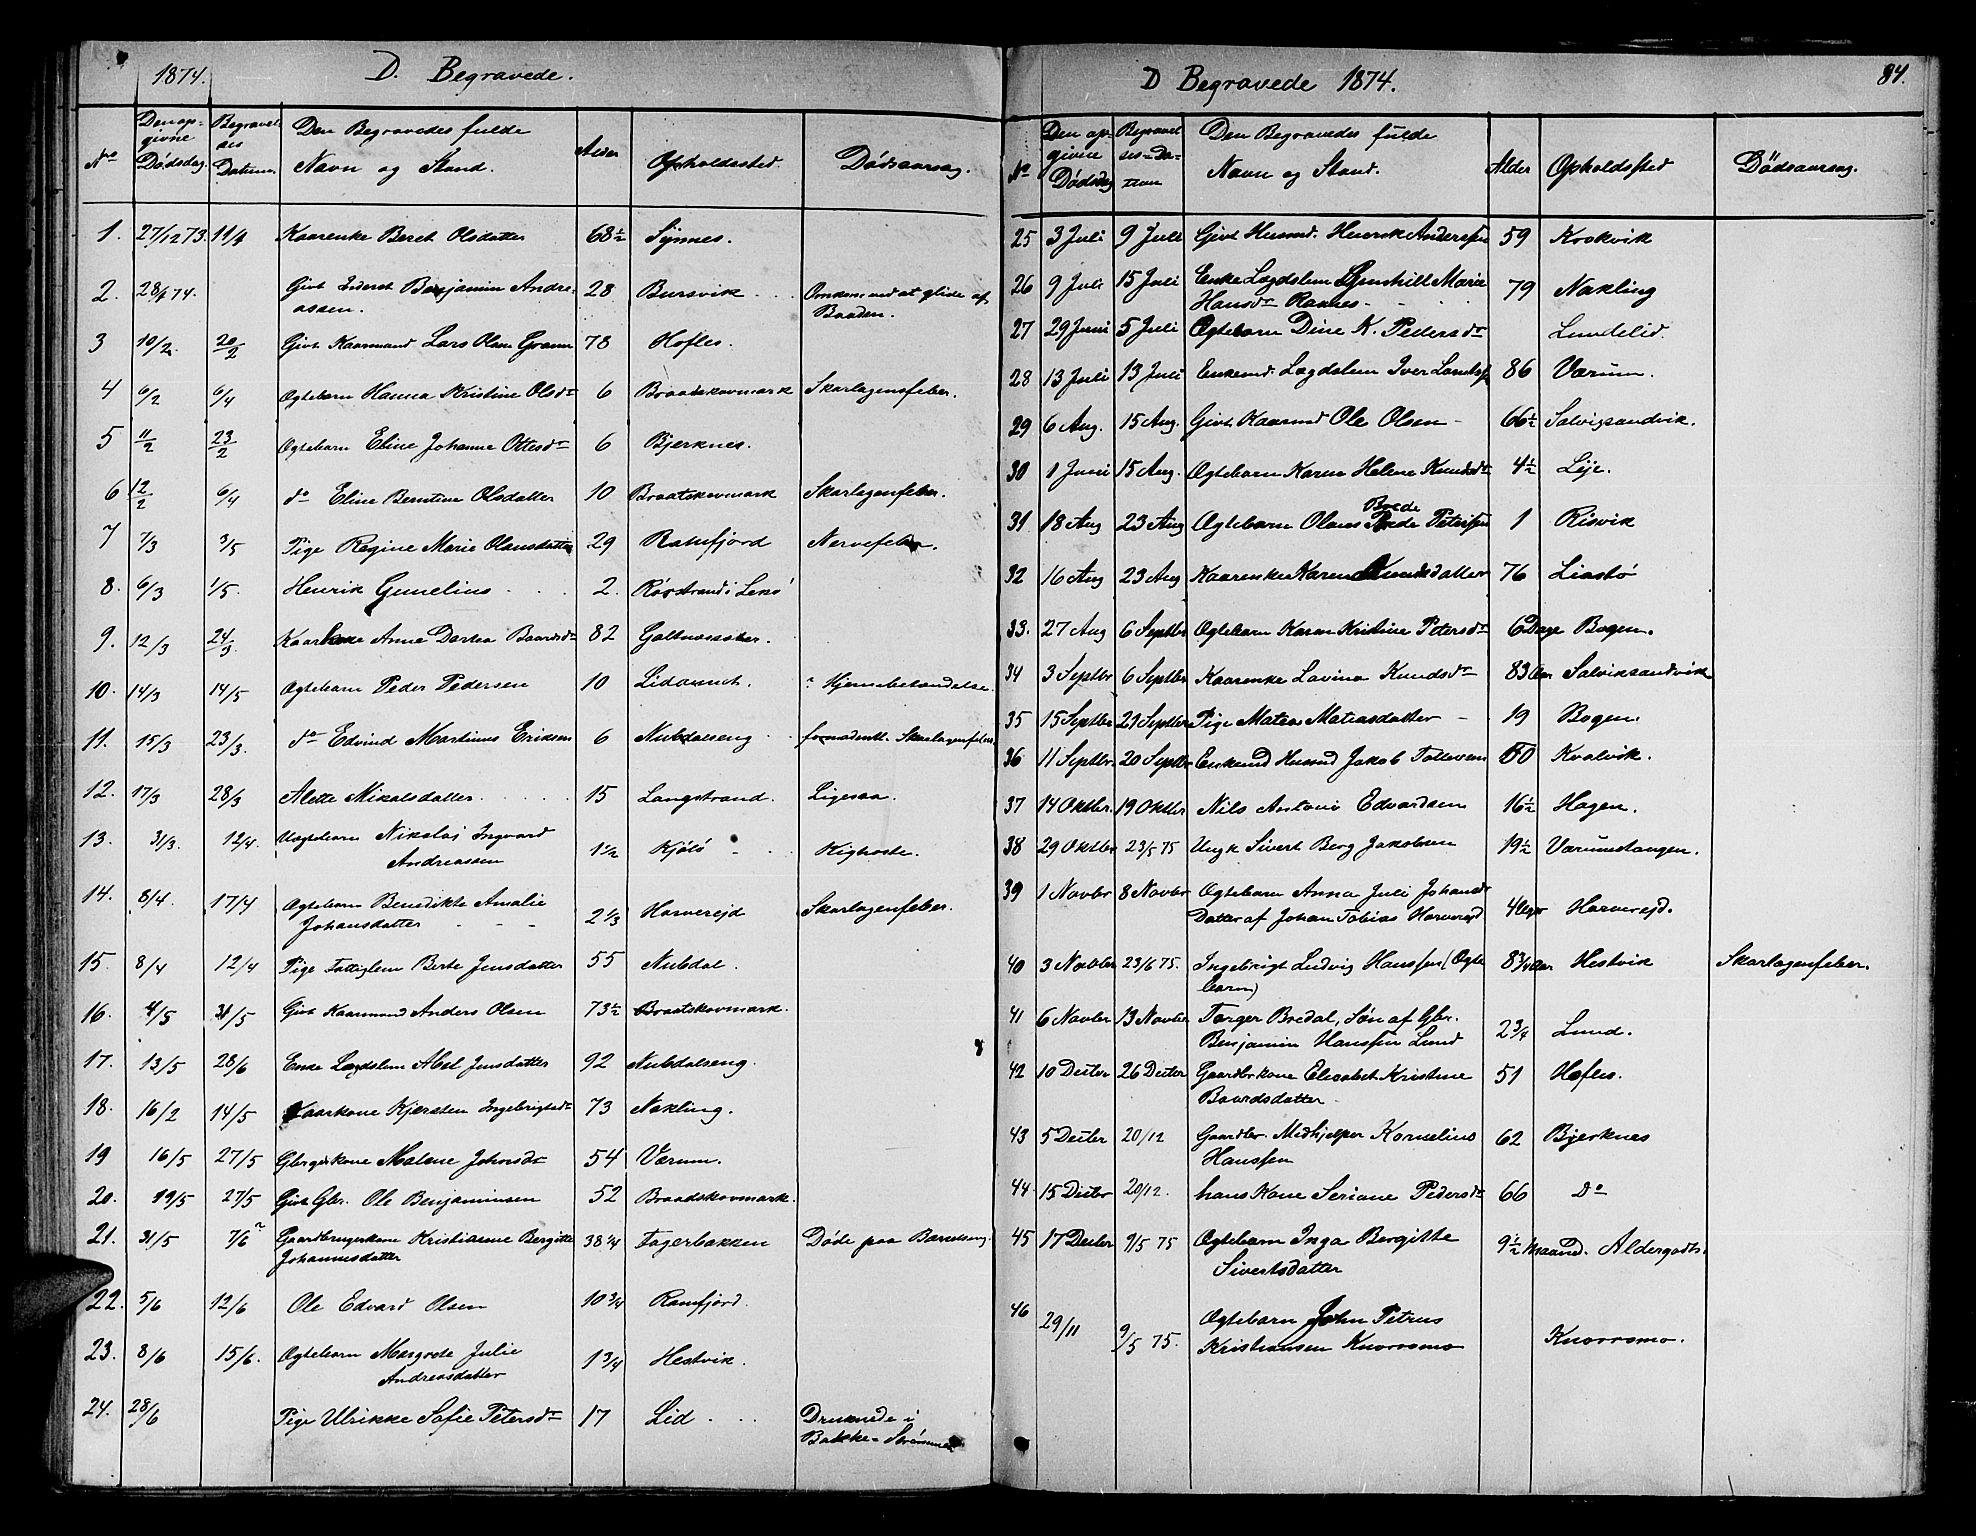 SAT, Ministerialprotokoller, klokkerbøker og fødselsregistre - Nord-Trøndelag, 780/L0650: Klokkerbok nr. 780C02, 1866-1884, s. 84